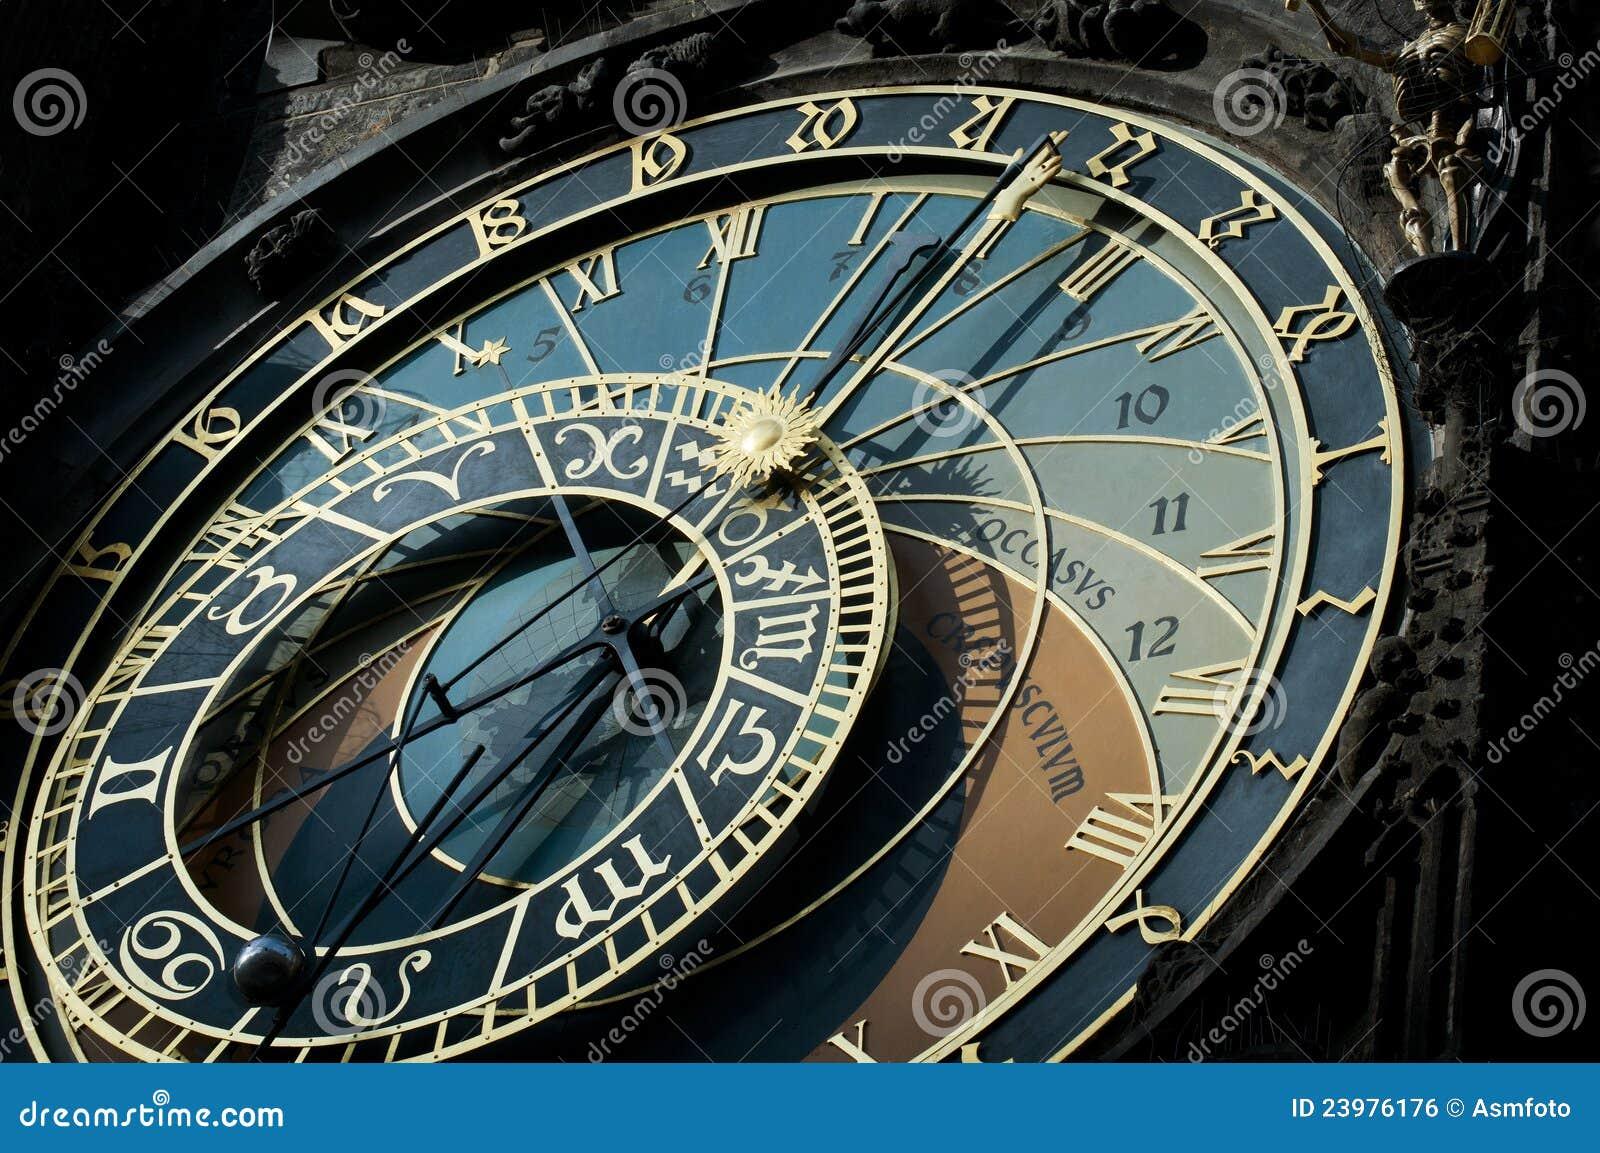 horloge astronomique prague signe de zodiaque image libre de droits image 23976176. Black Bedroom Furniture Sets. Home Design Ideas